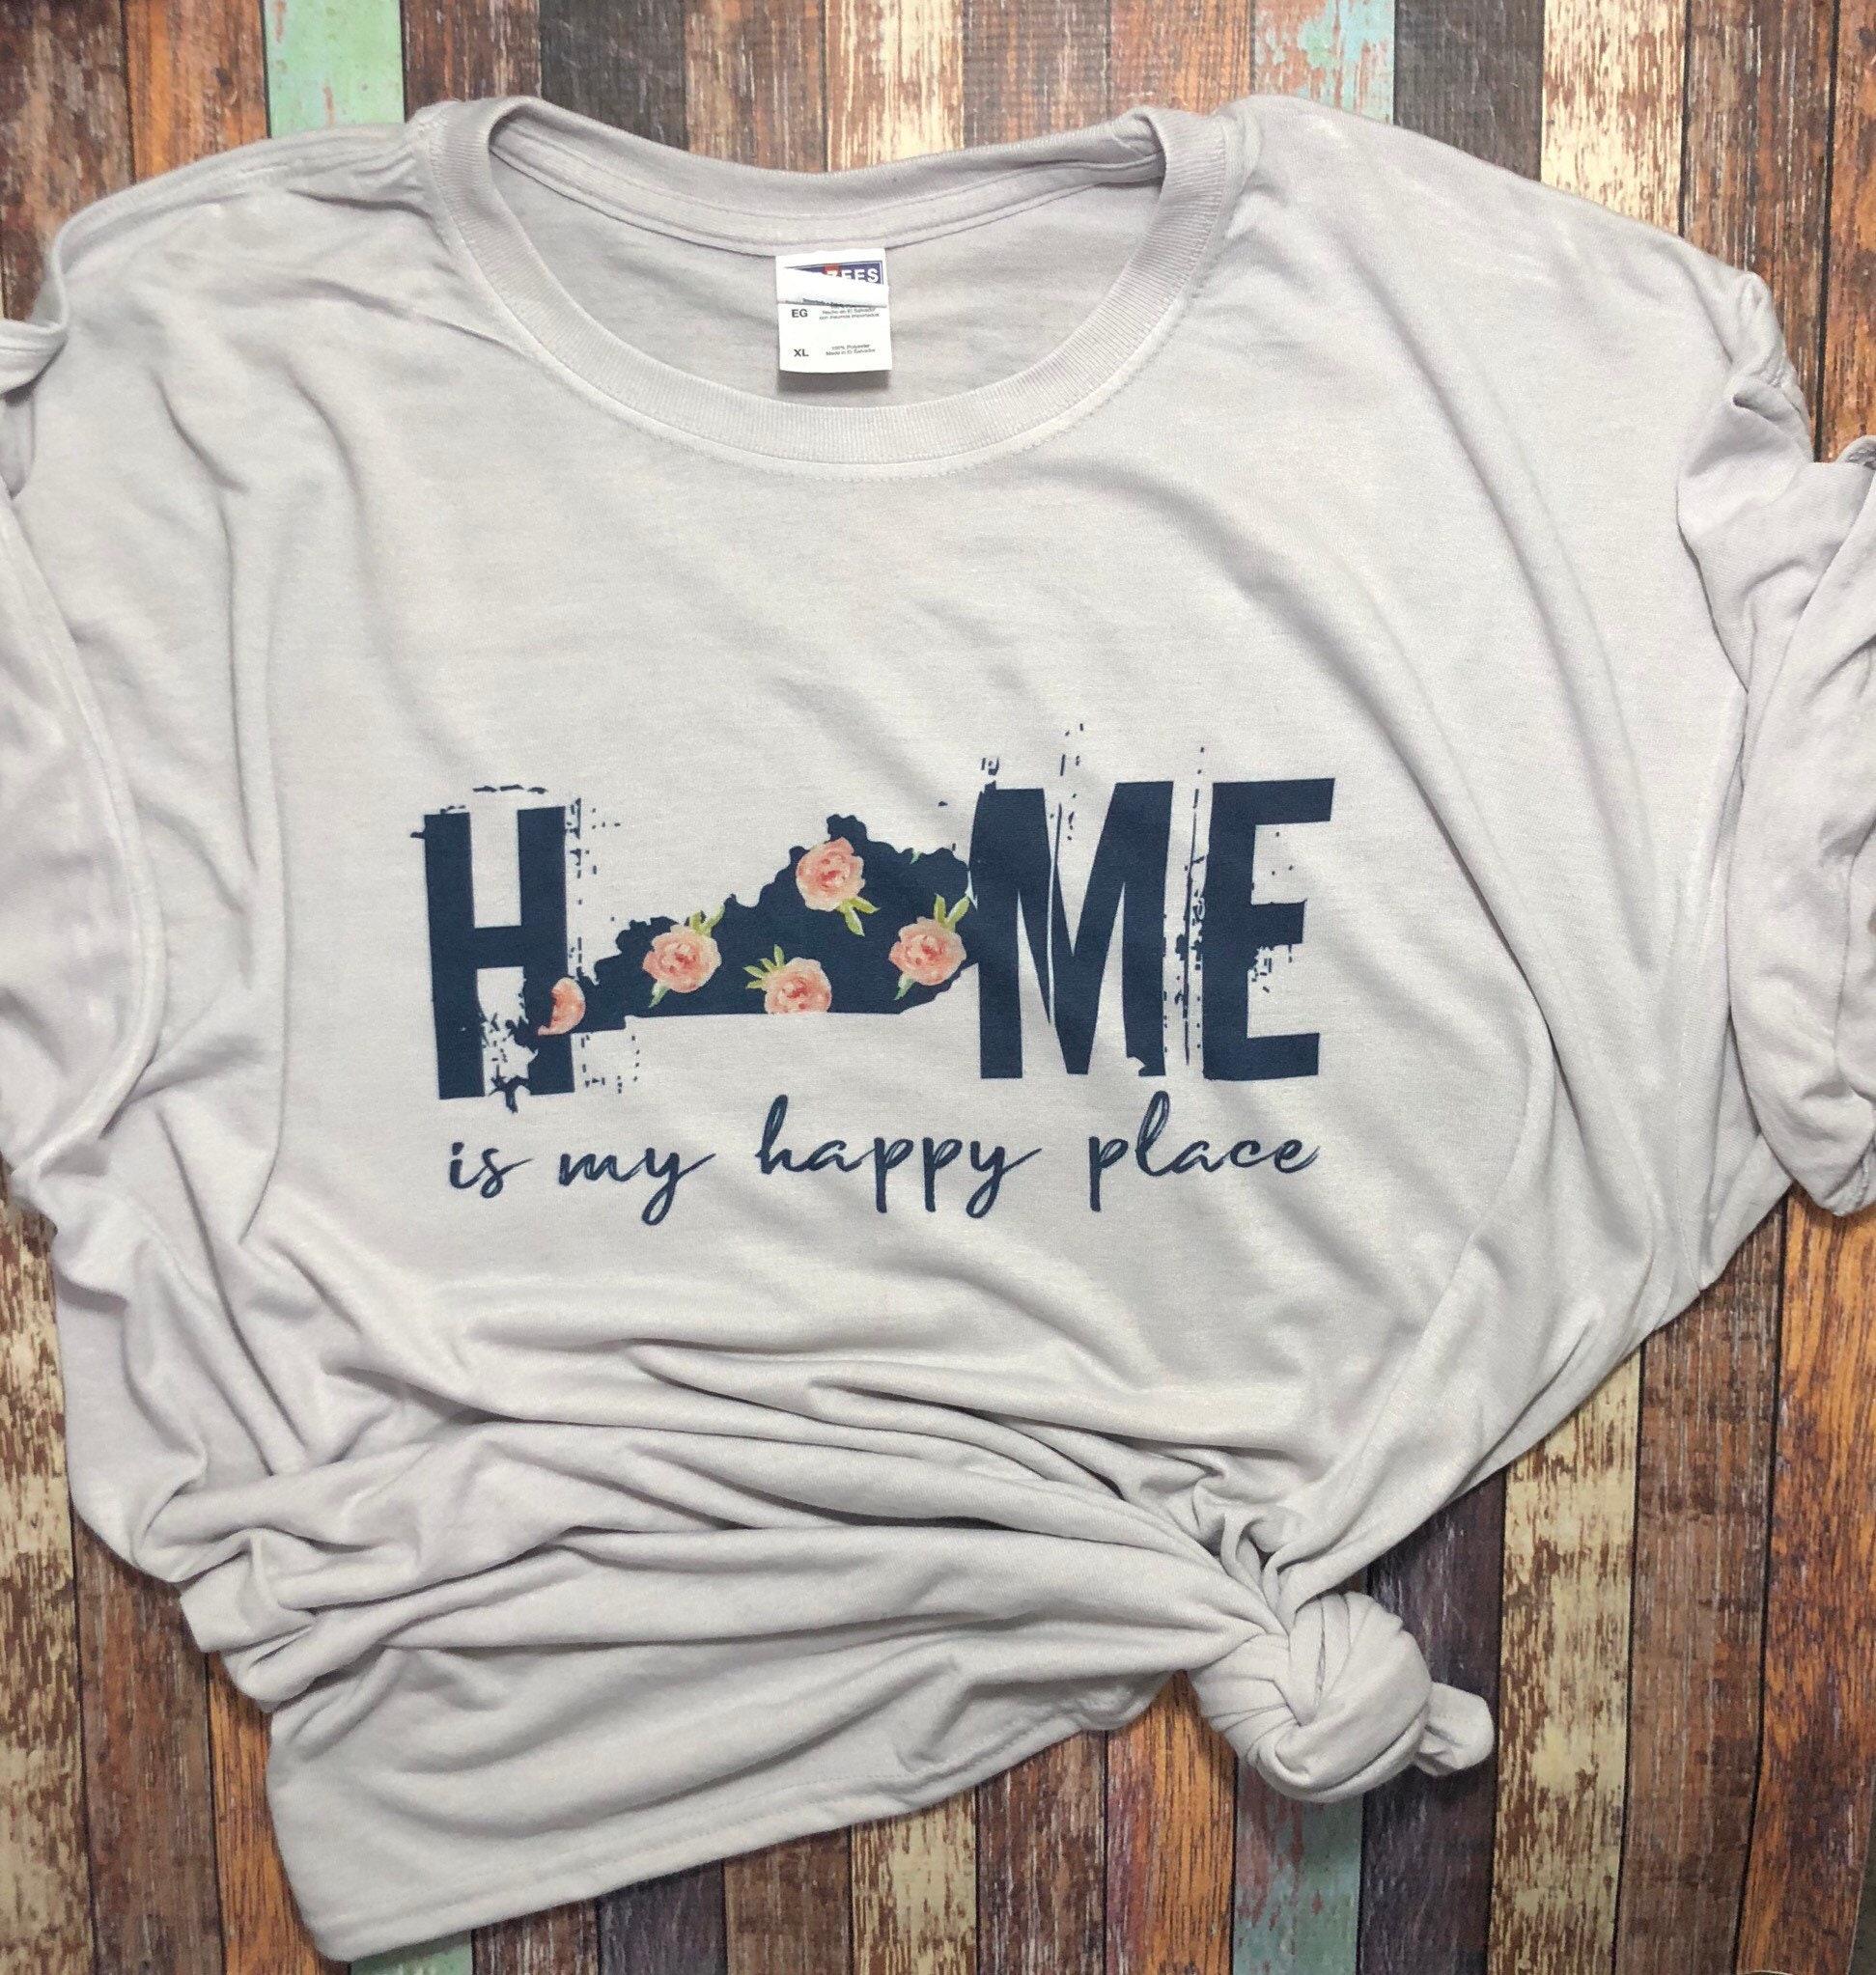 374041e9 How To Create Custom T Shirts At Home | Kuenzi Turf & Nursery